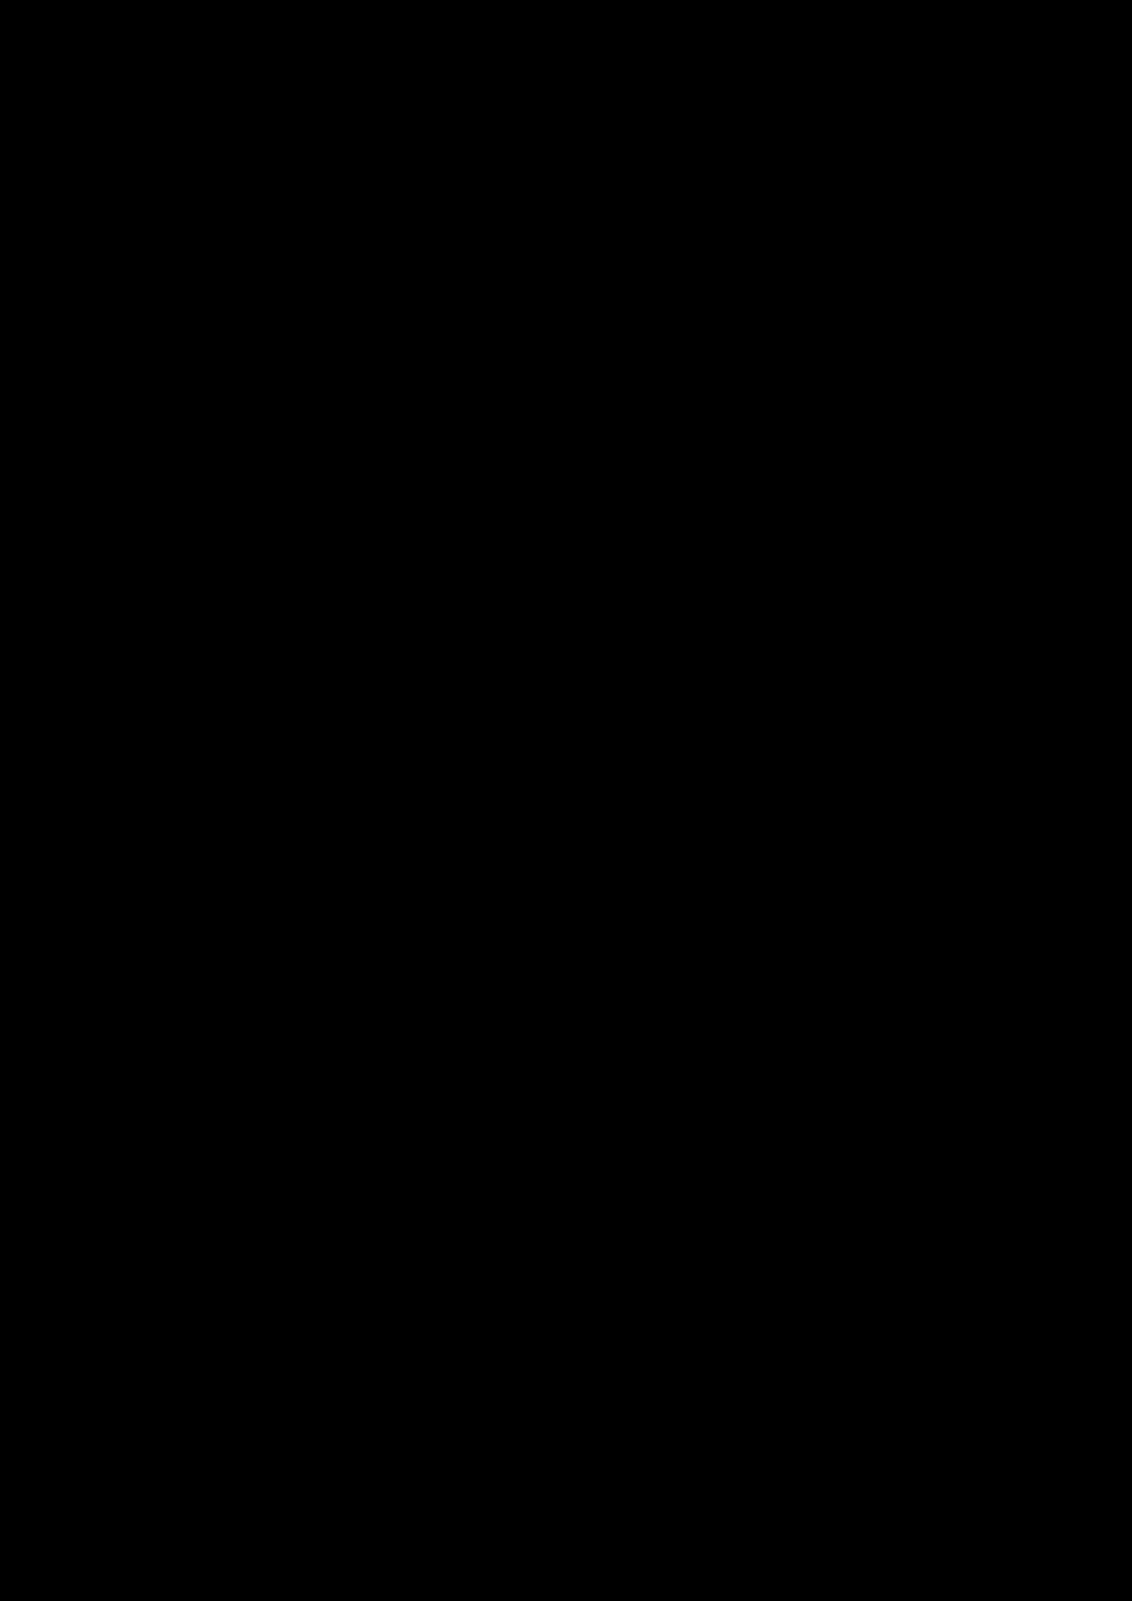 Zagadka volshebnoy stranyi slide, Image 136